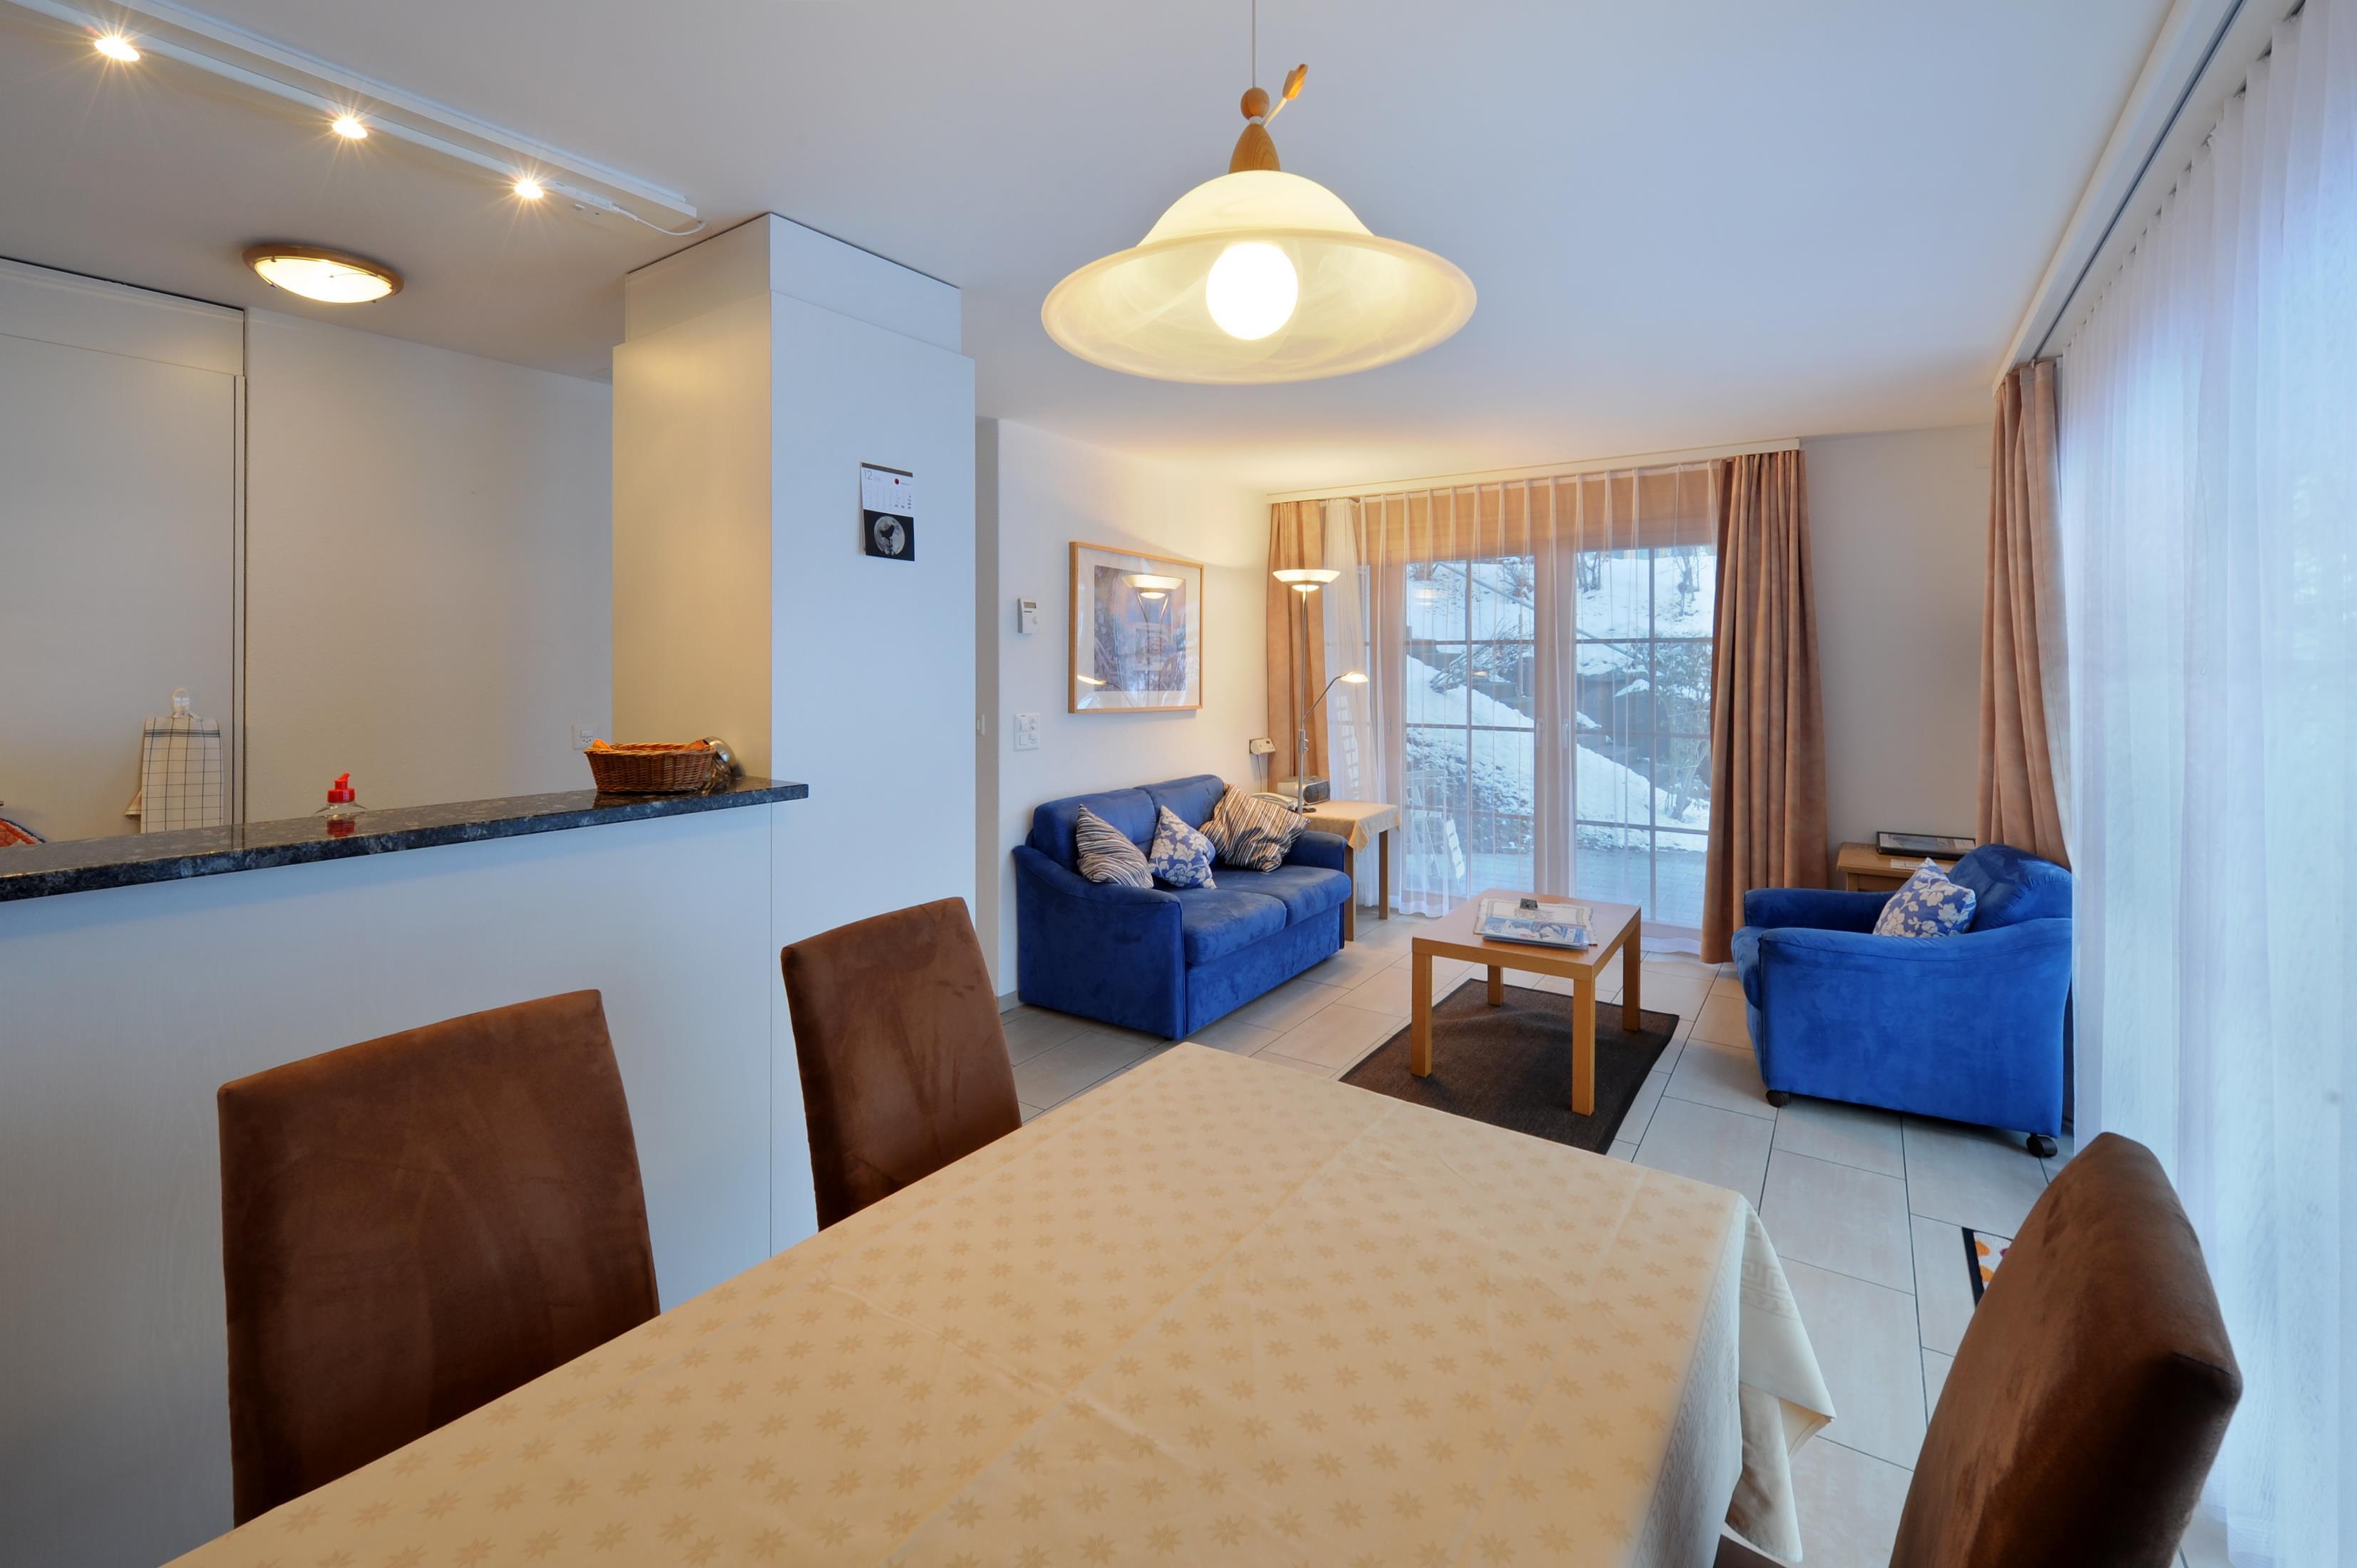 Appartement de vacances Steinbilla 2 Bett Ferienwohnung (2692218), Grindelwald, Région de la Jungfrau, Oberland bernois, Suisse, image 4